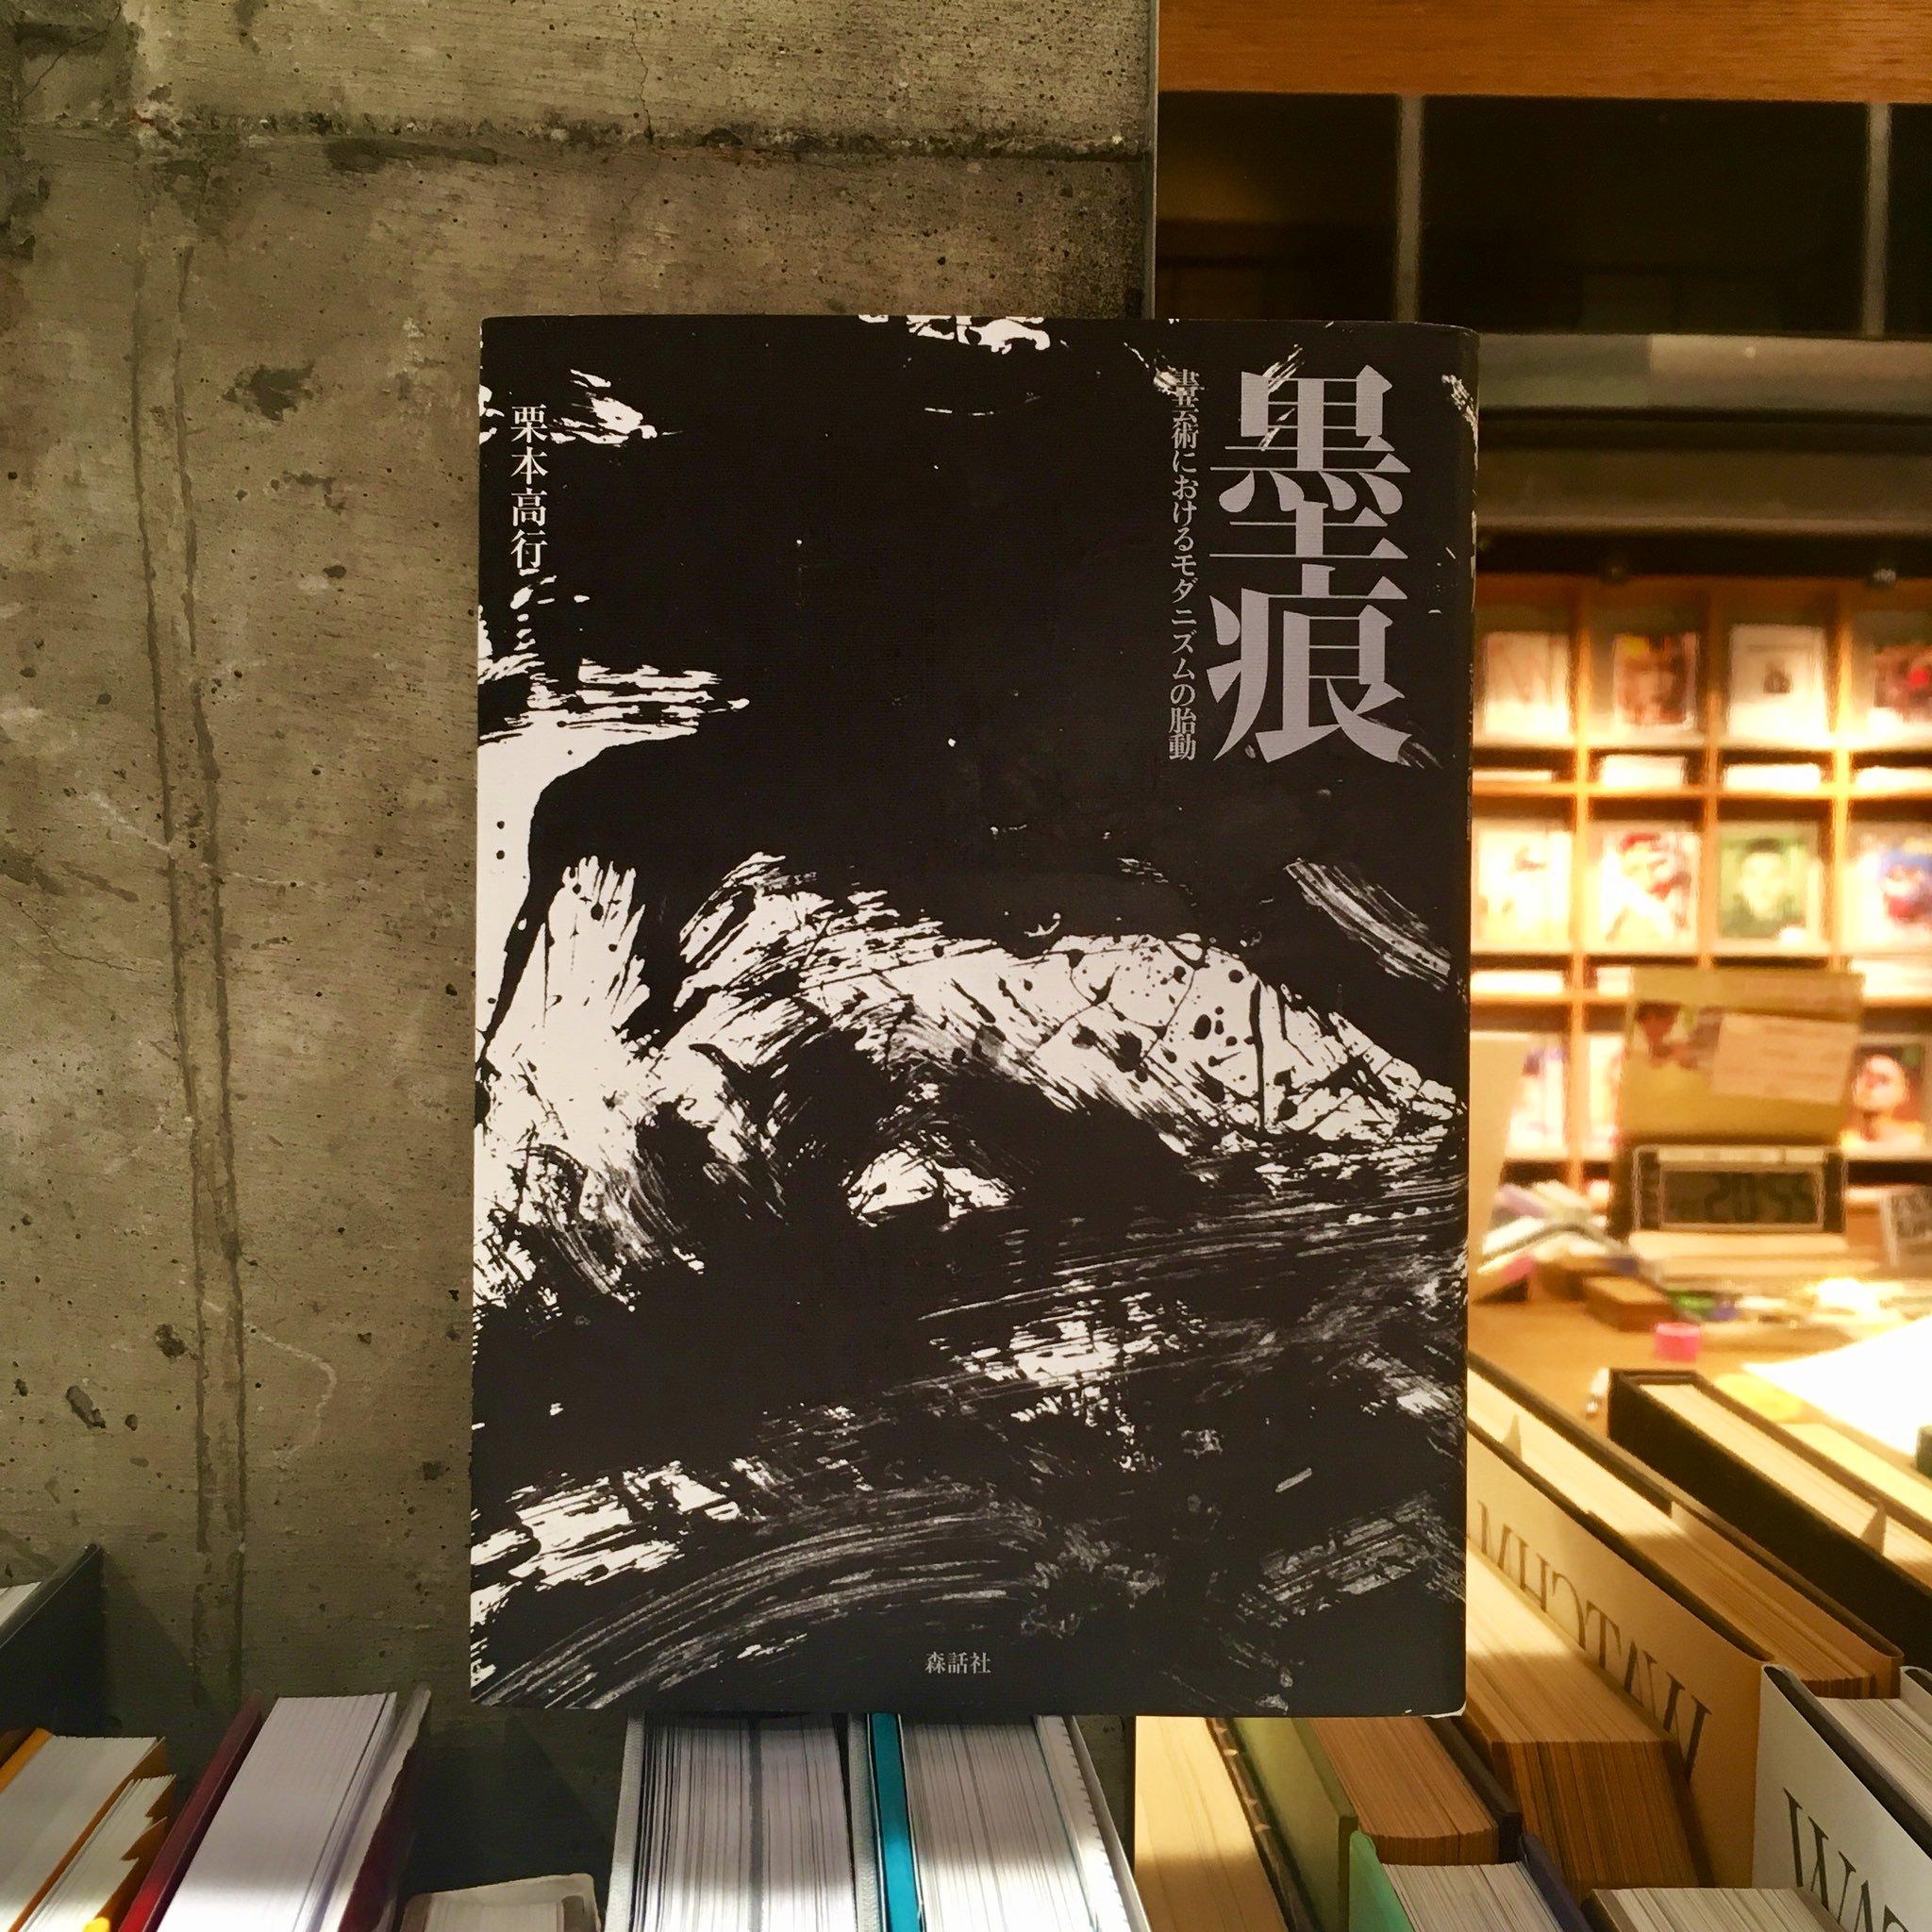 栗本高行『墨痕ー書芸術におけるモダニズムの胎動』(森話社)